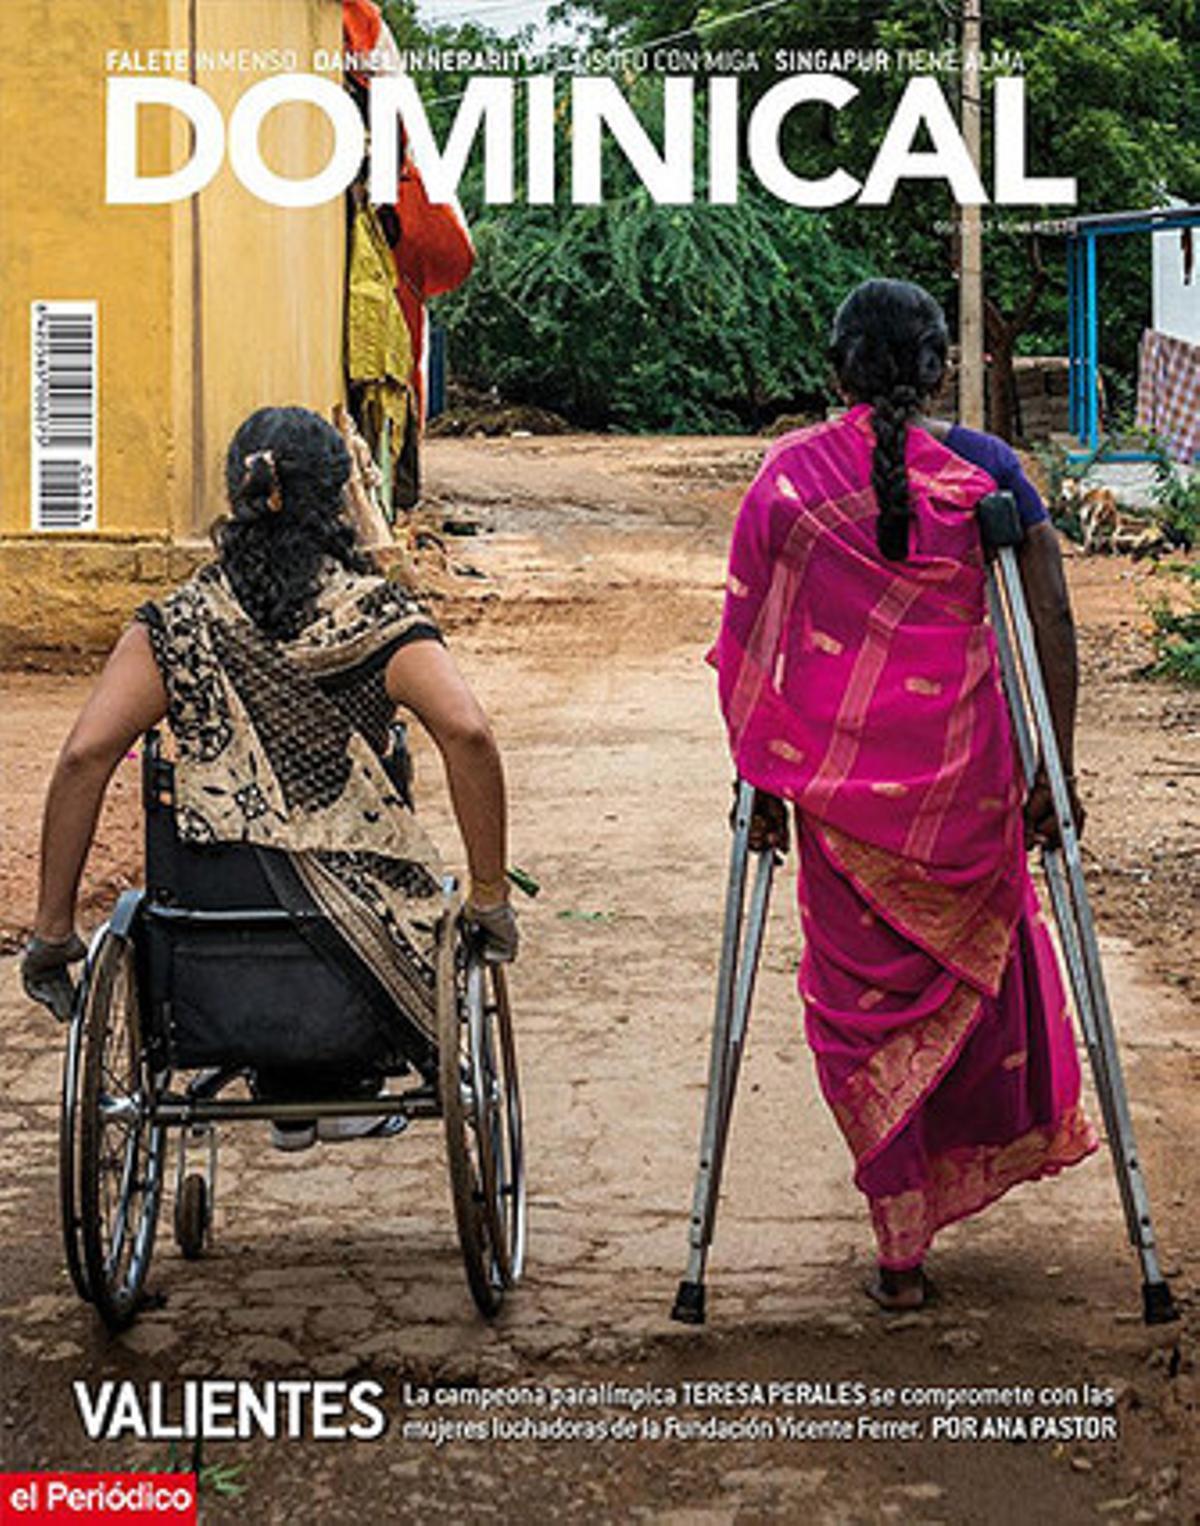 La campeona Teresa Perales, en la portada de 'Dominical'.